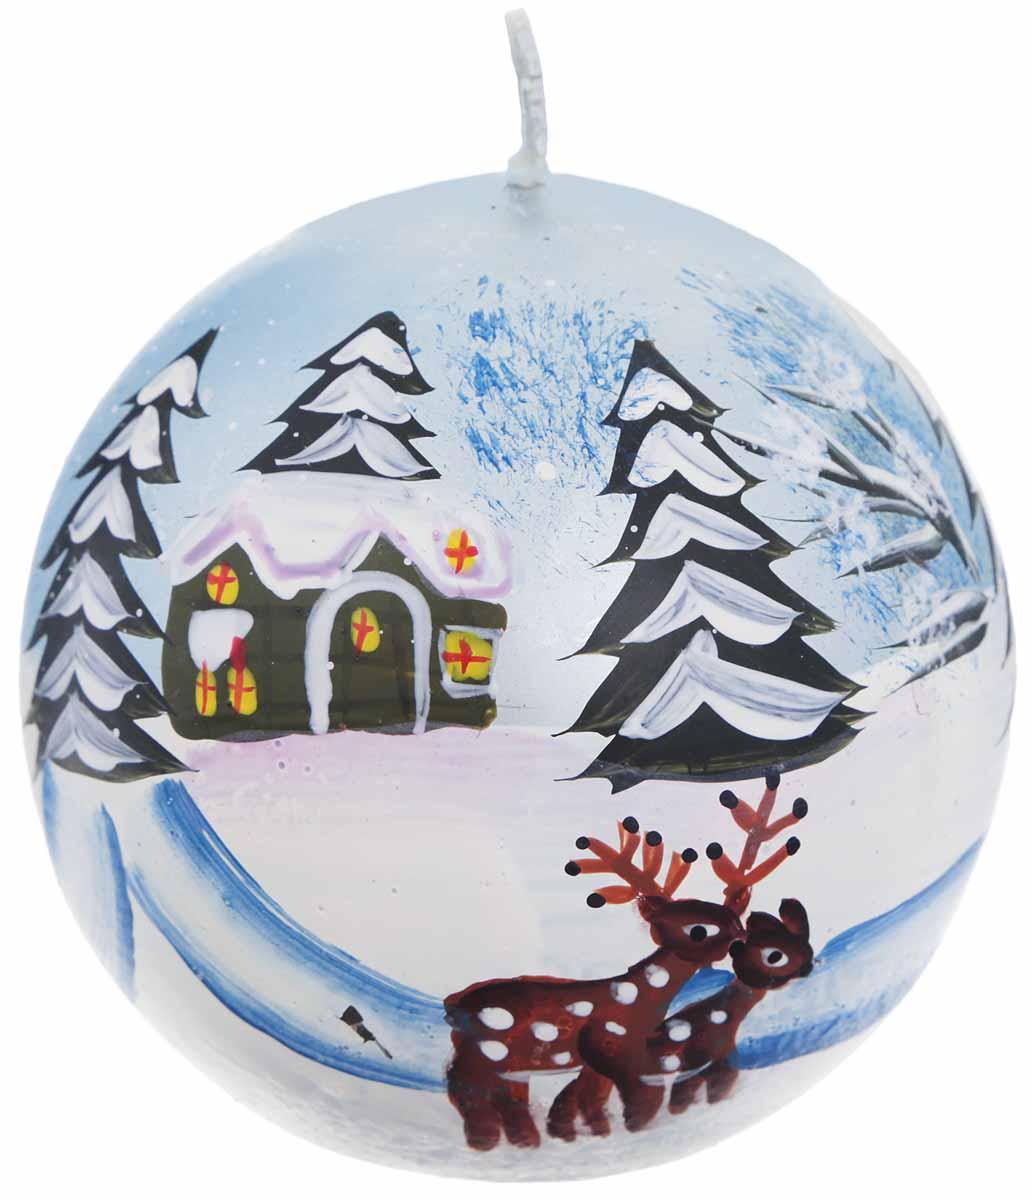 Свеча Winter Wings Зимний пейзаж, диаметр 7 смRG-D31SСвеча Winter Wings Зимний пейзаж, изготовленная из парафина, станет прекрасным украшением интерьера помещения в преддверии Нового года. Такая свеча создаст атмосферу таинственности и загадочности и наполнит ваш дом волшебством и ощущением праздника. Хороший сувенир для друзей и близких.